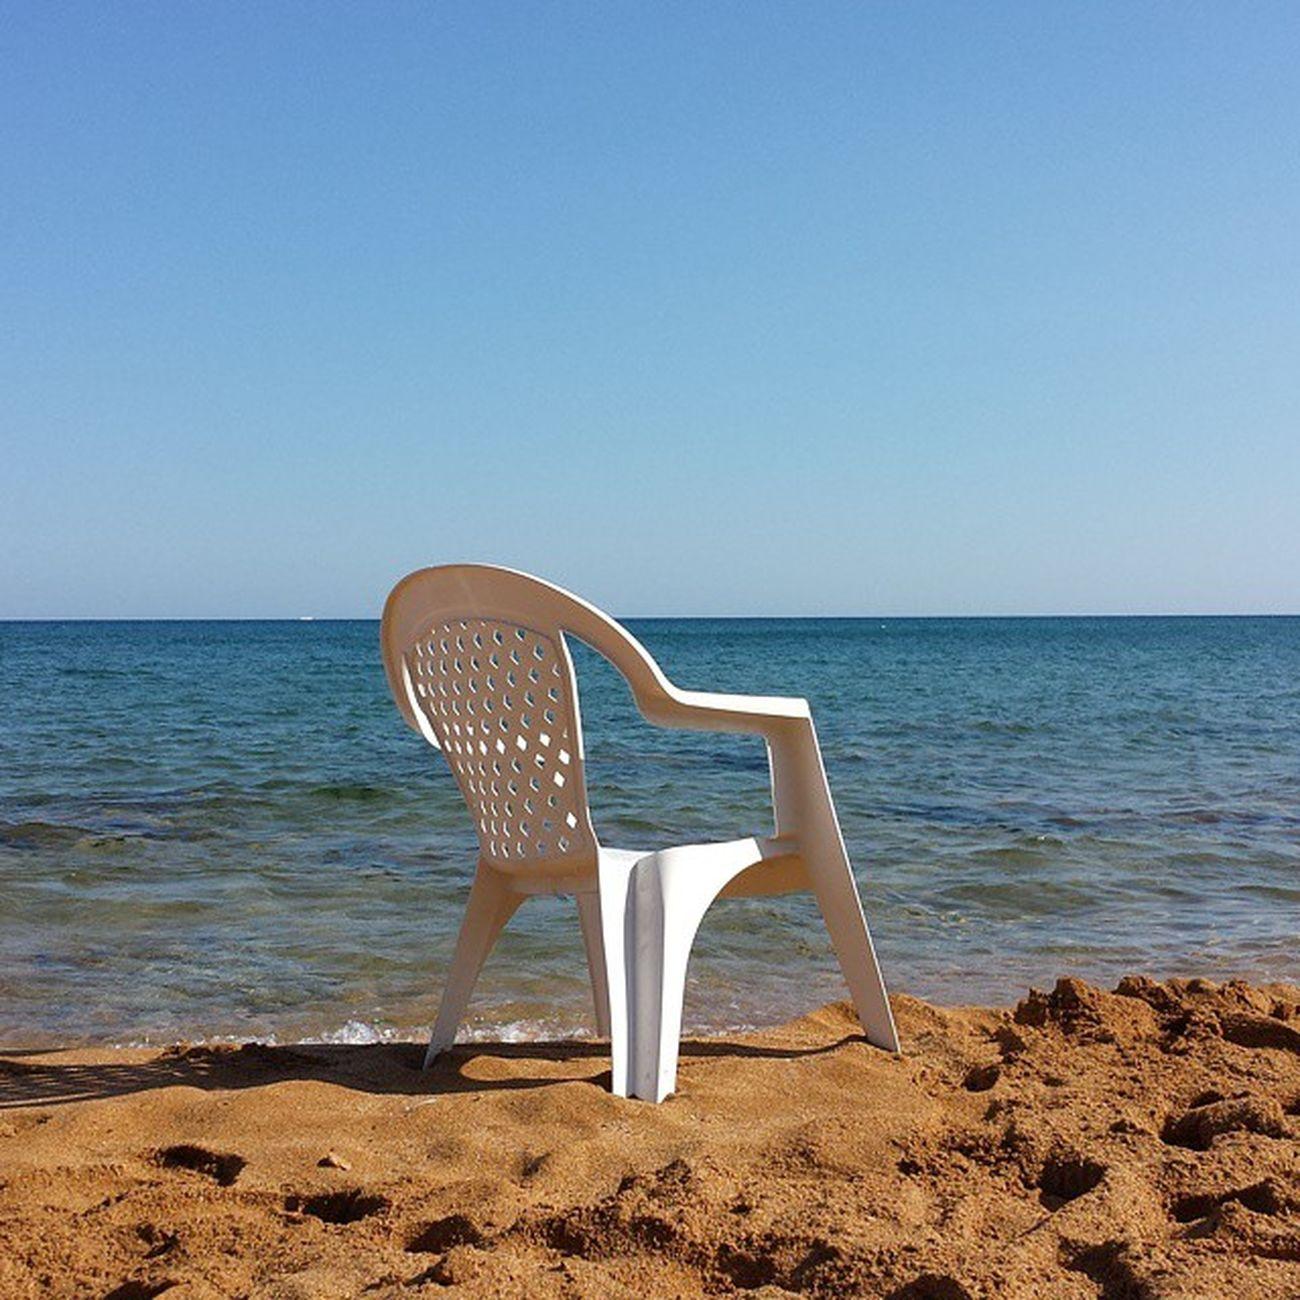 Lecannella Summerweather Sun Sea calabria sabbiarossa spiaggia summer summertime mare relax ventocaldo scirocco estate